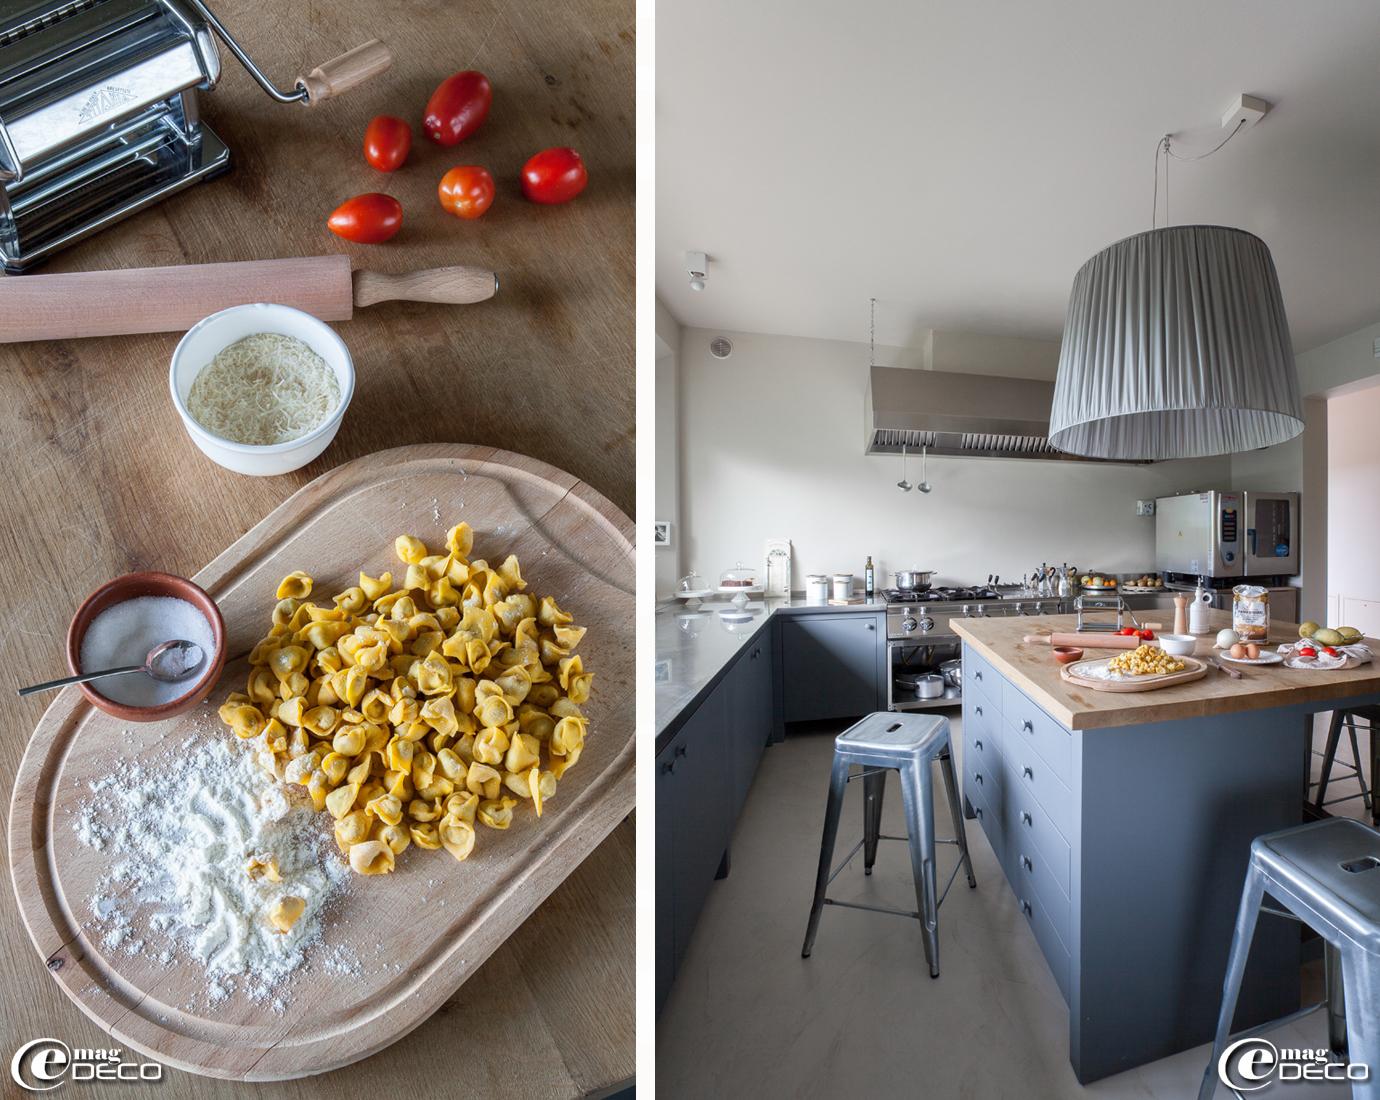 Dans la cuisine de la maison d'hôtes 'Malatesta', suspension dessinée et réalisée par Orietta Marcon, tabourets 'H' chez 'Tolix', cuisine professionnelle en inox de chez 'Mareno'